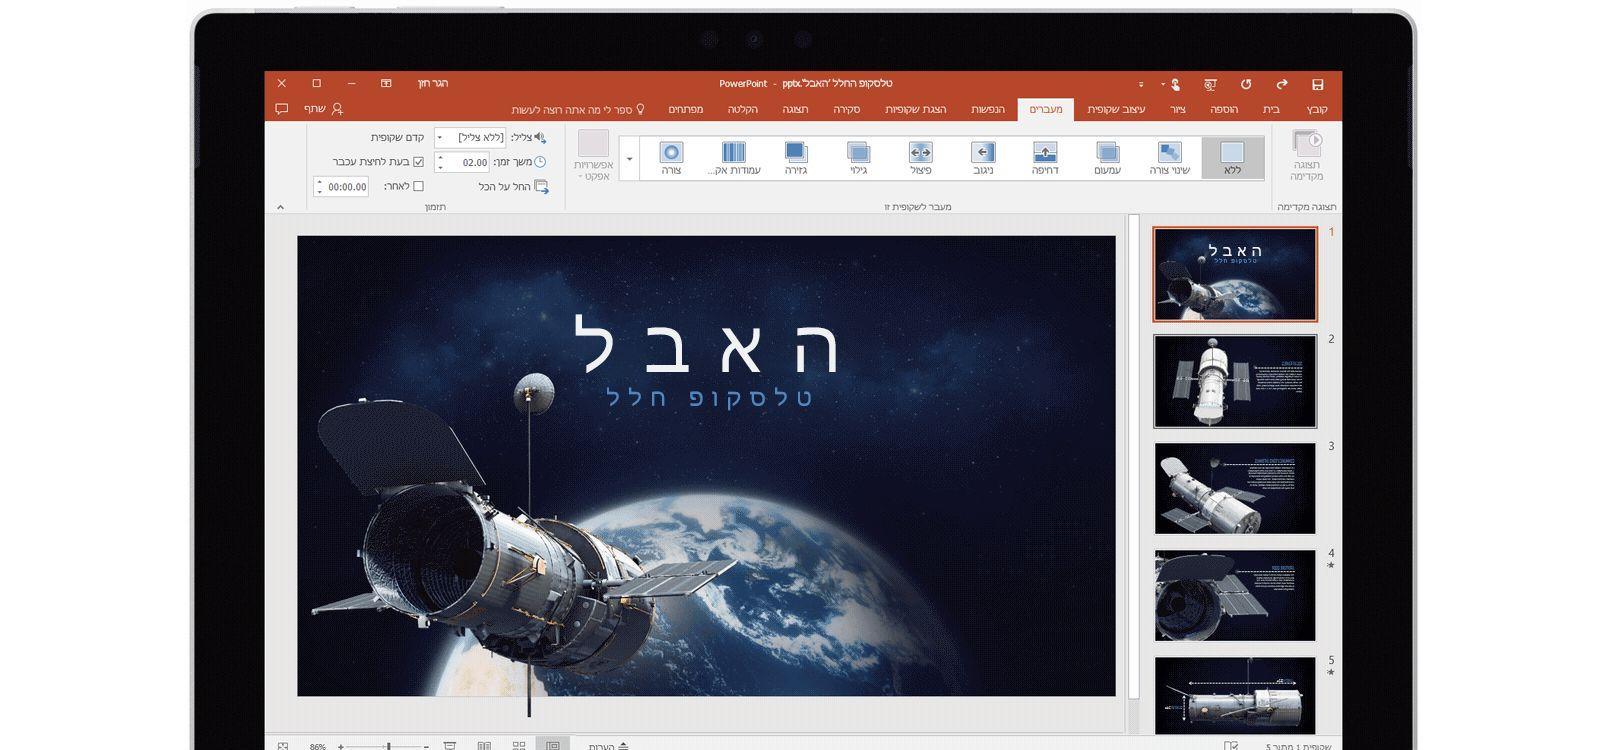 מסך Tablet המציג את המעבר 'שינוי צורה' שנמצא בשימוש במצגת PowerPoint בנושא טלסקופים בחלל